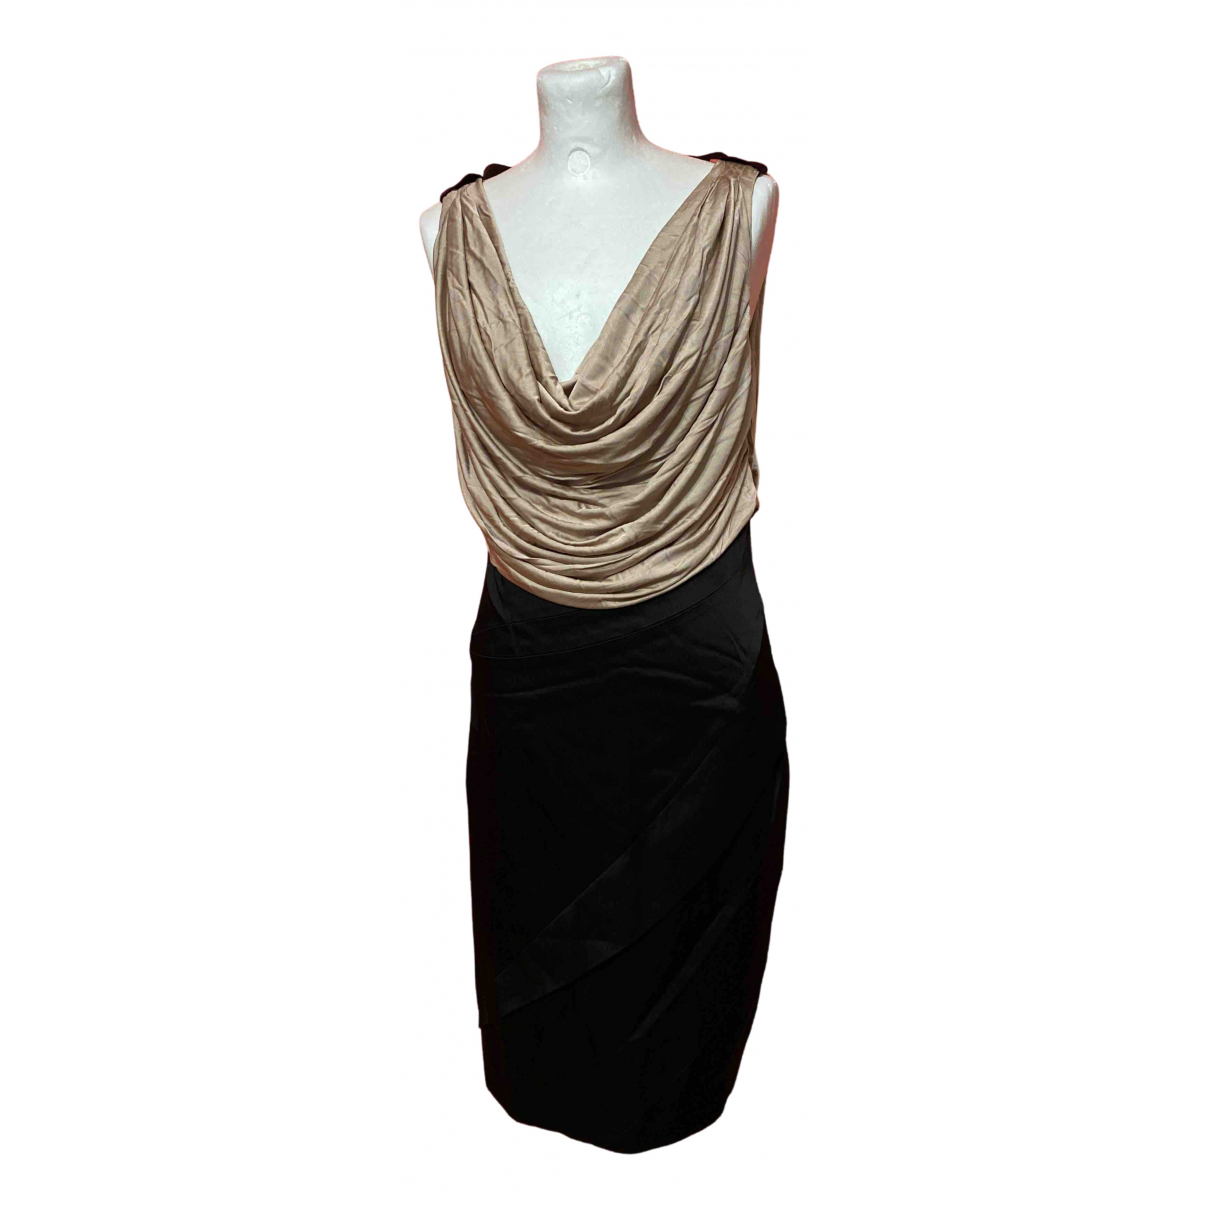 Karen Millen \N Kleid in  Bunt Viskose